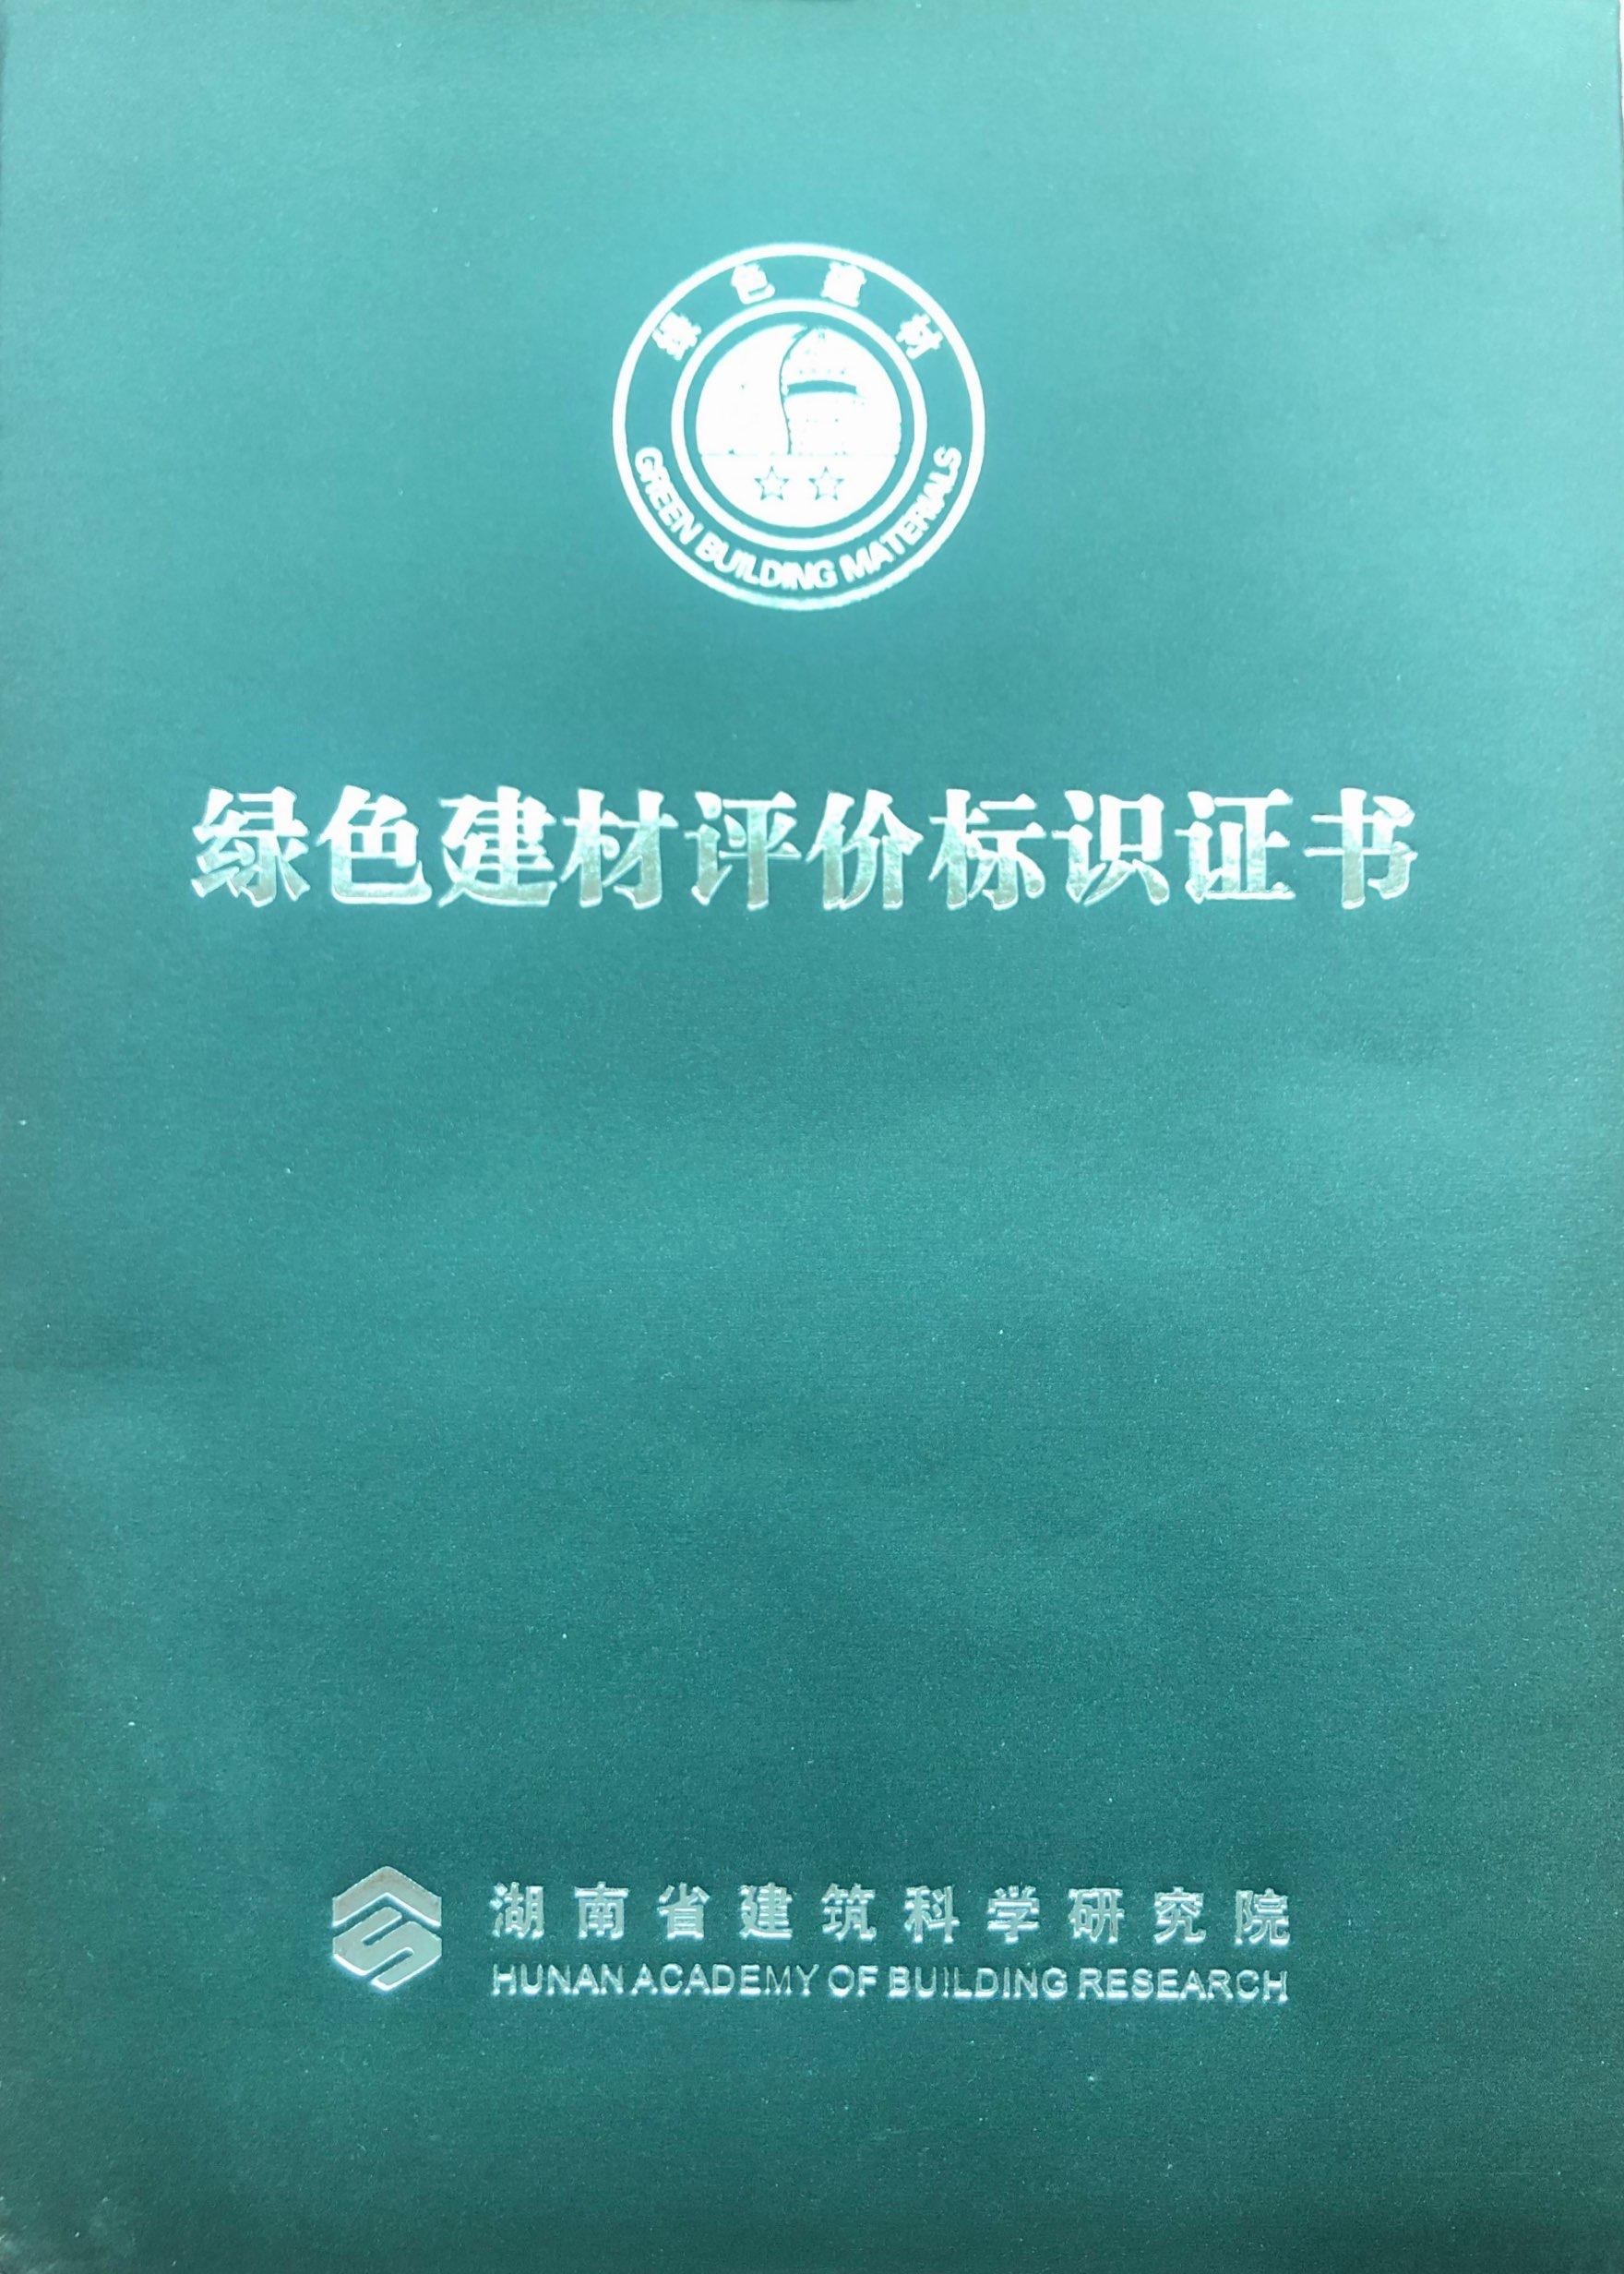 湖南同远新材料科技有限公司产品获得首张湖南省绿色建筑材料标识证书!